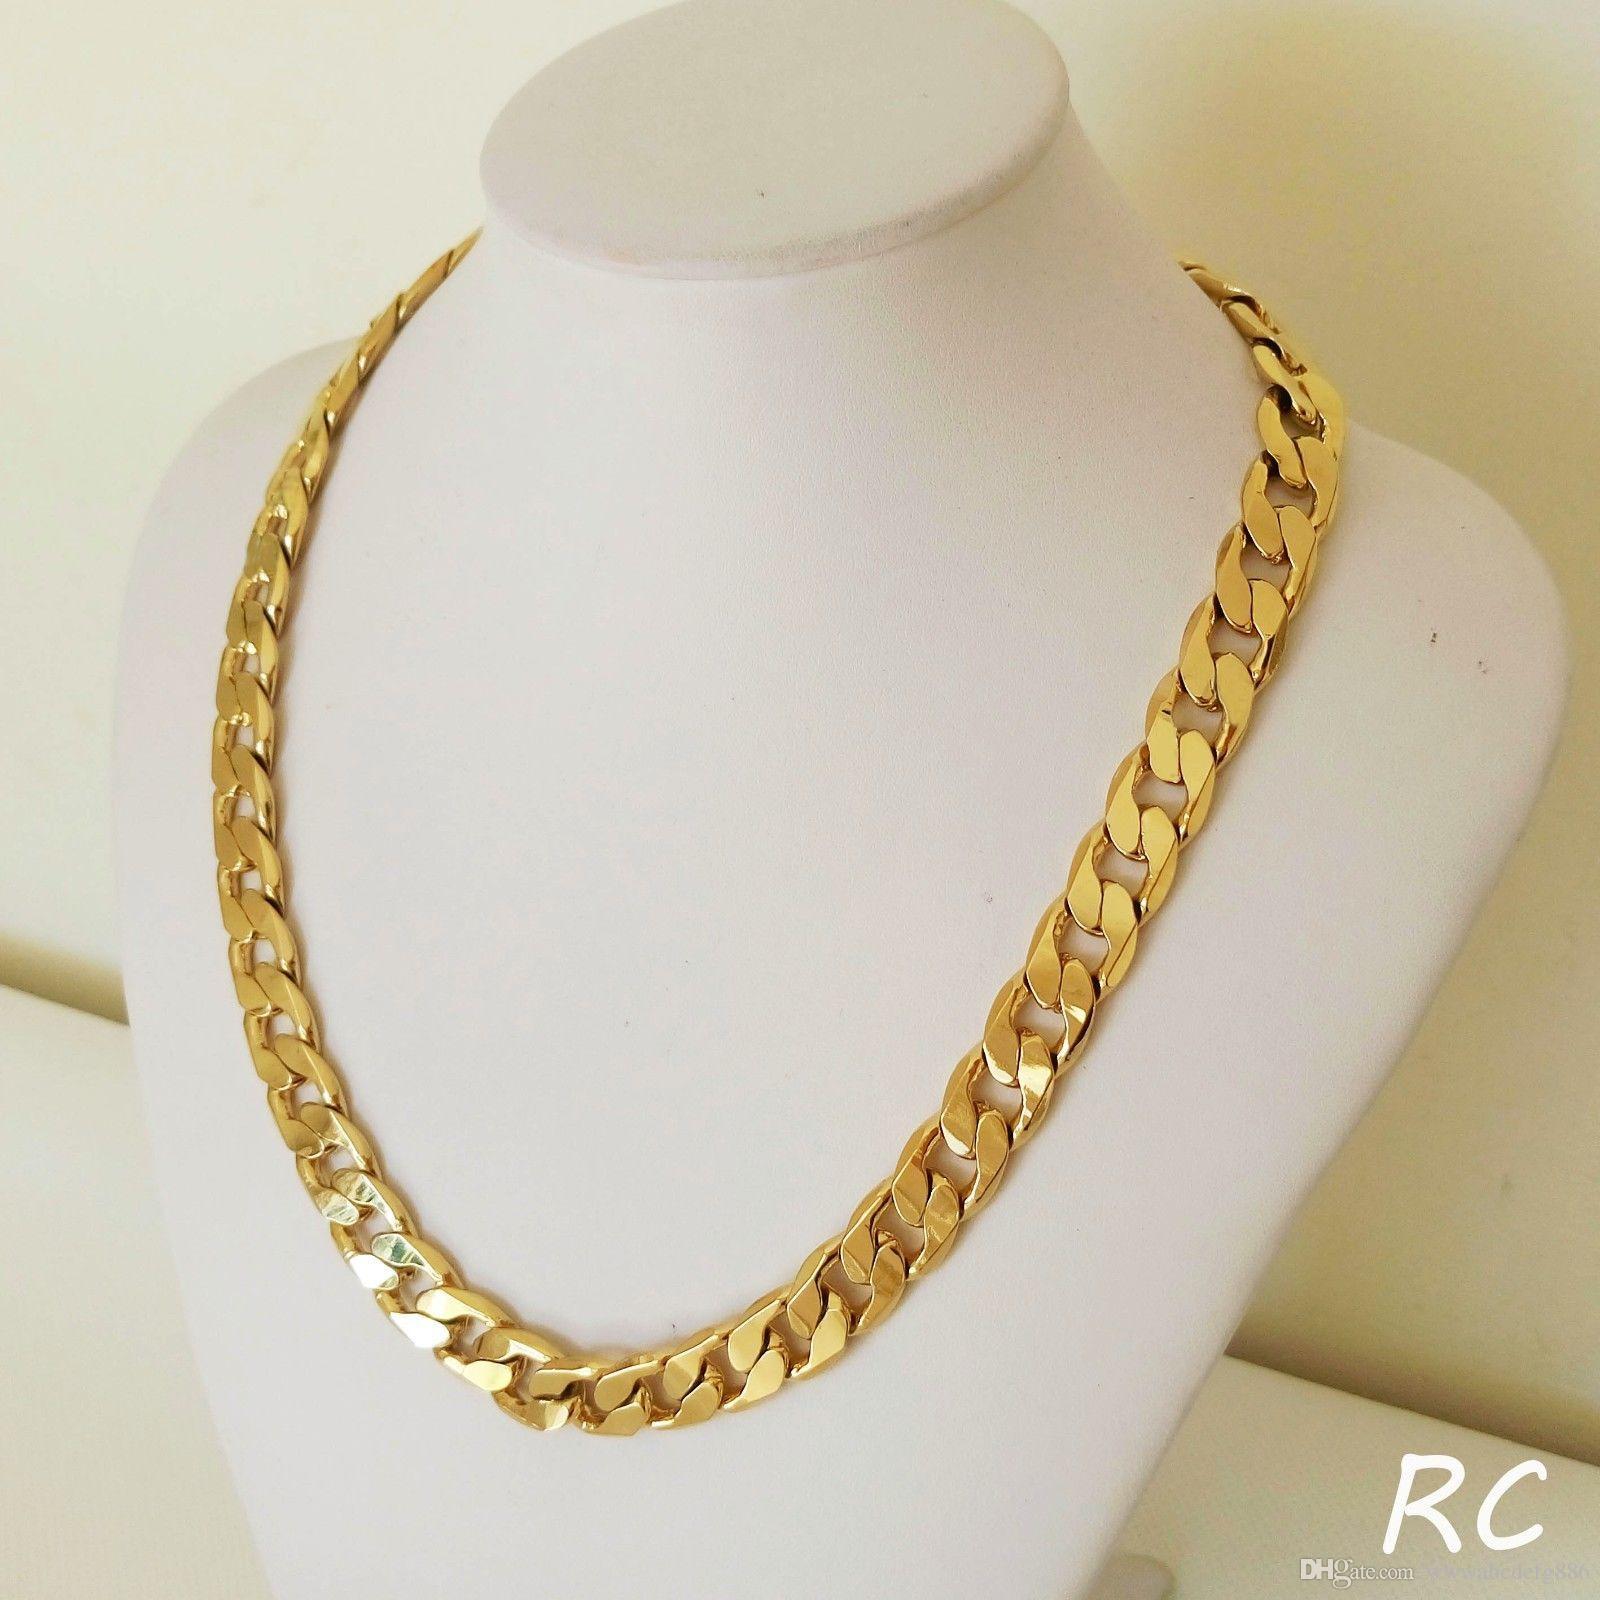 Lourd! Livraison gratuite Classique hommes 18k réel jaune chaîne en or massif collier 23.6 pouces 10mm